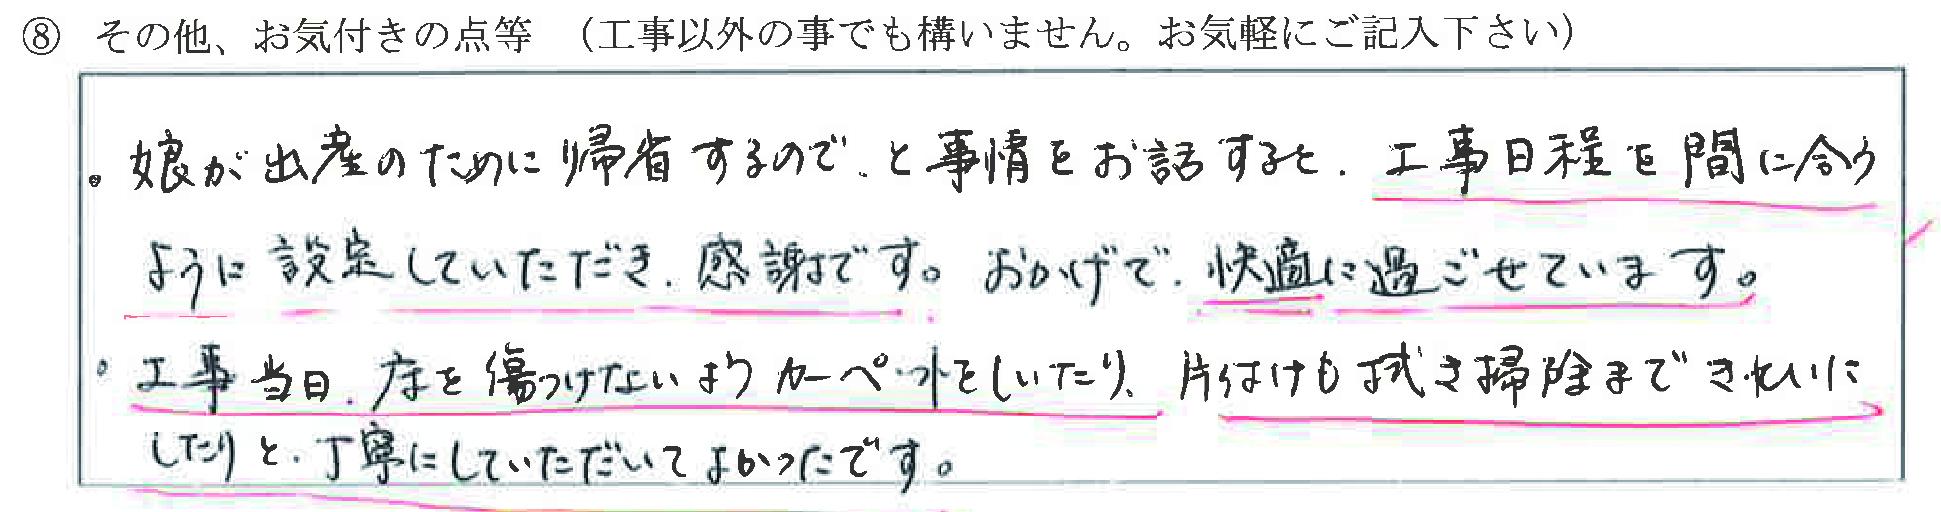 富山県富山市I様に頂いた洗面化粧台水栓取替工事・トイレ壁紙貼替工事についてのお気づきの点がありましたら、お聞かせ下さい。というご質問について「洗面化粧台水栓取替工事・トイレ壁紙貼替工事【  お喜びの声  】」というお声についての画像